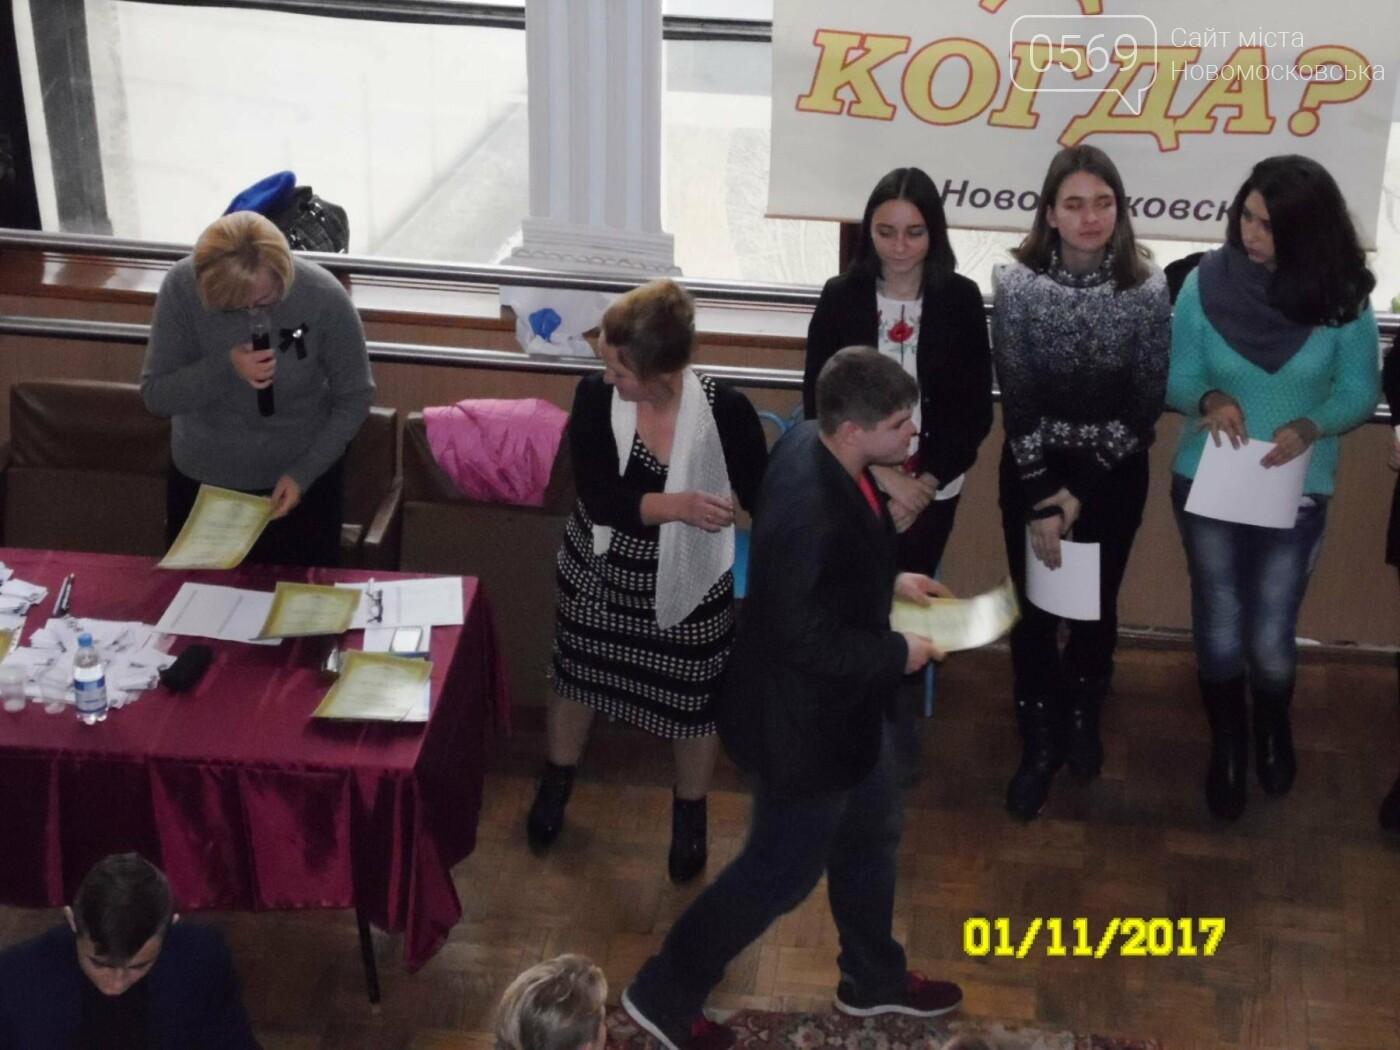 Новомосковские школьники сыграли в «Что? Где? Когда?», фото-17